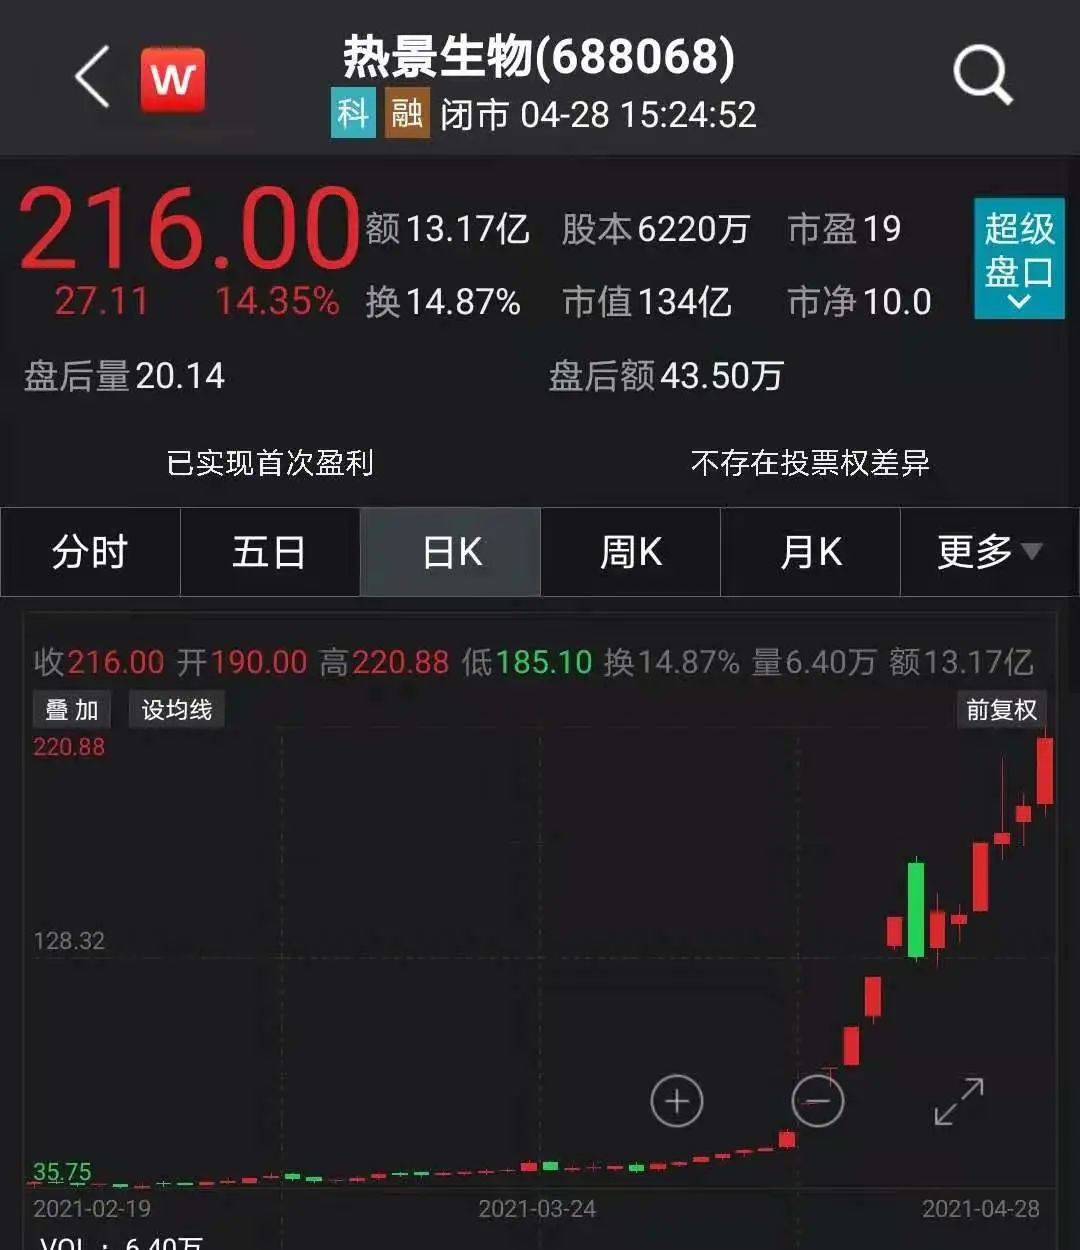 12个交易日涨幅达272.22% 热景生物明日起停牌核查